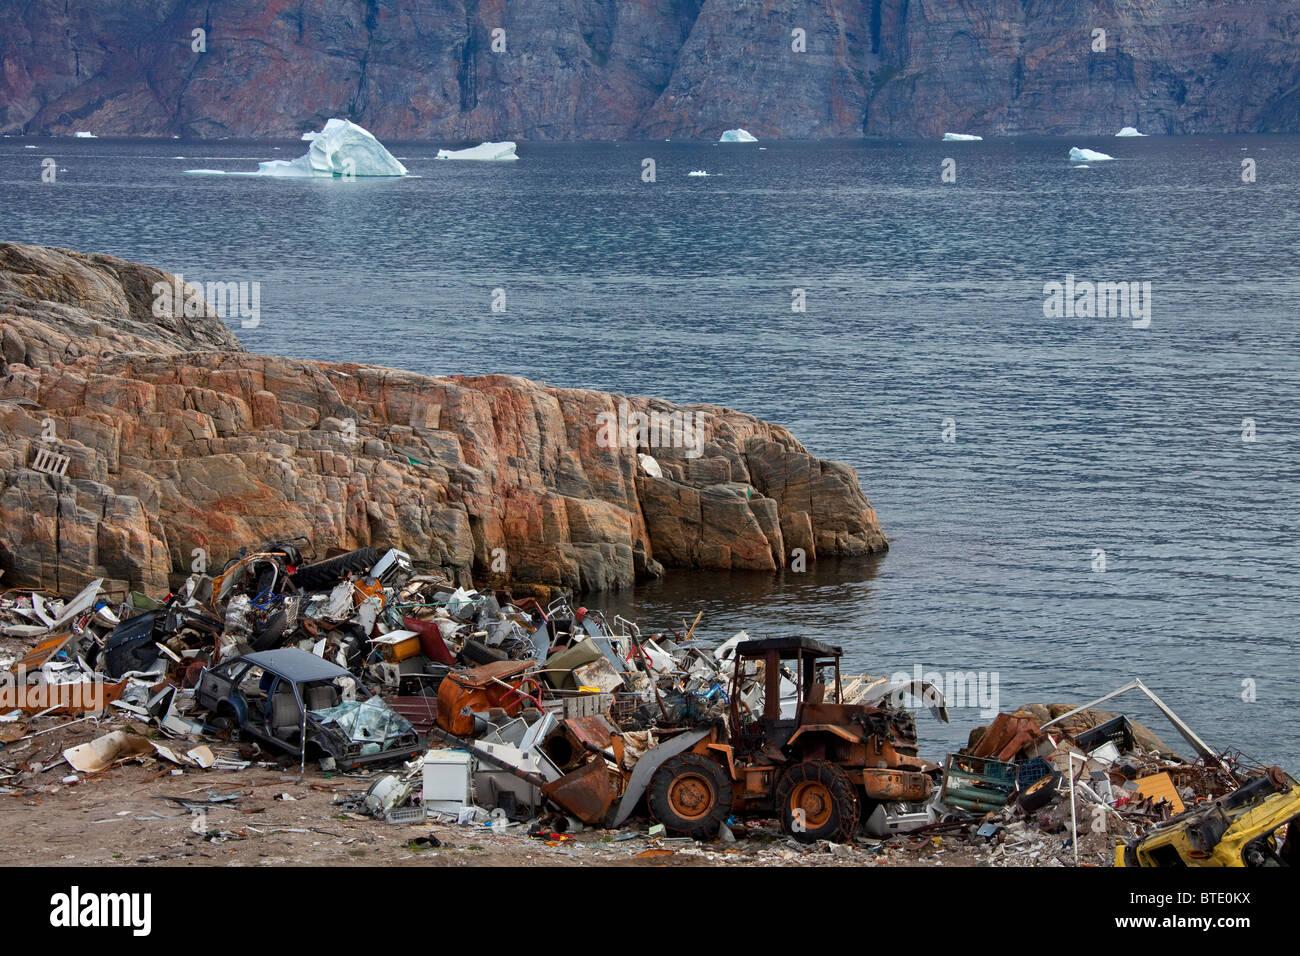 Müll auf Müllkippe und Eisberge im Fischerdorf Uummannaq, Grönland Stockbild